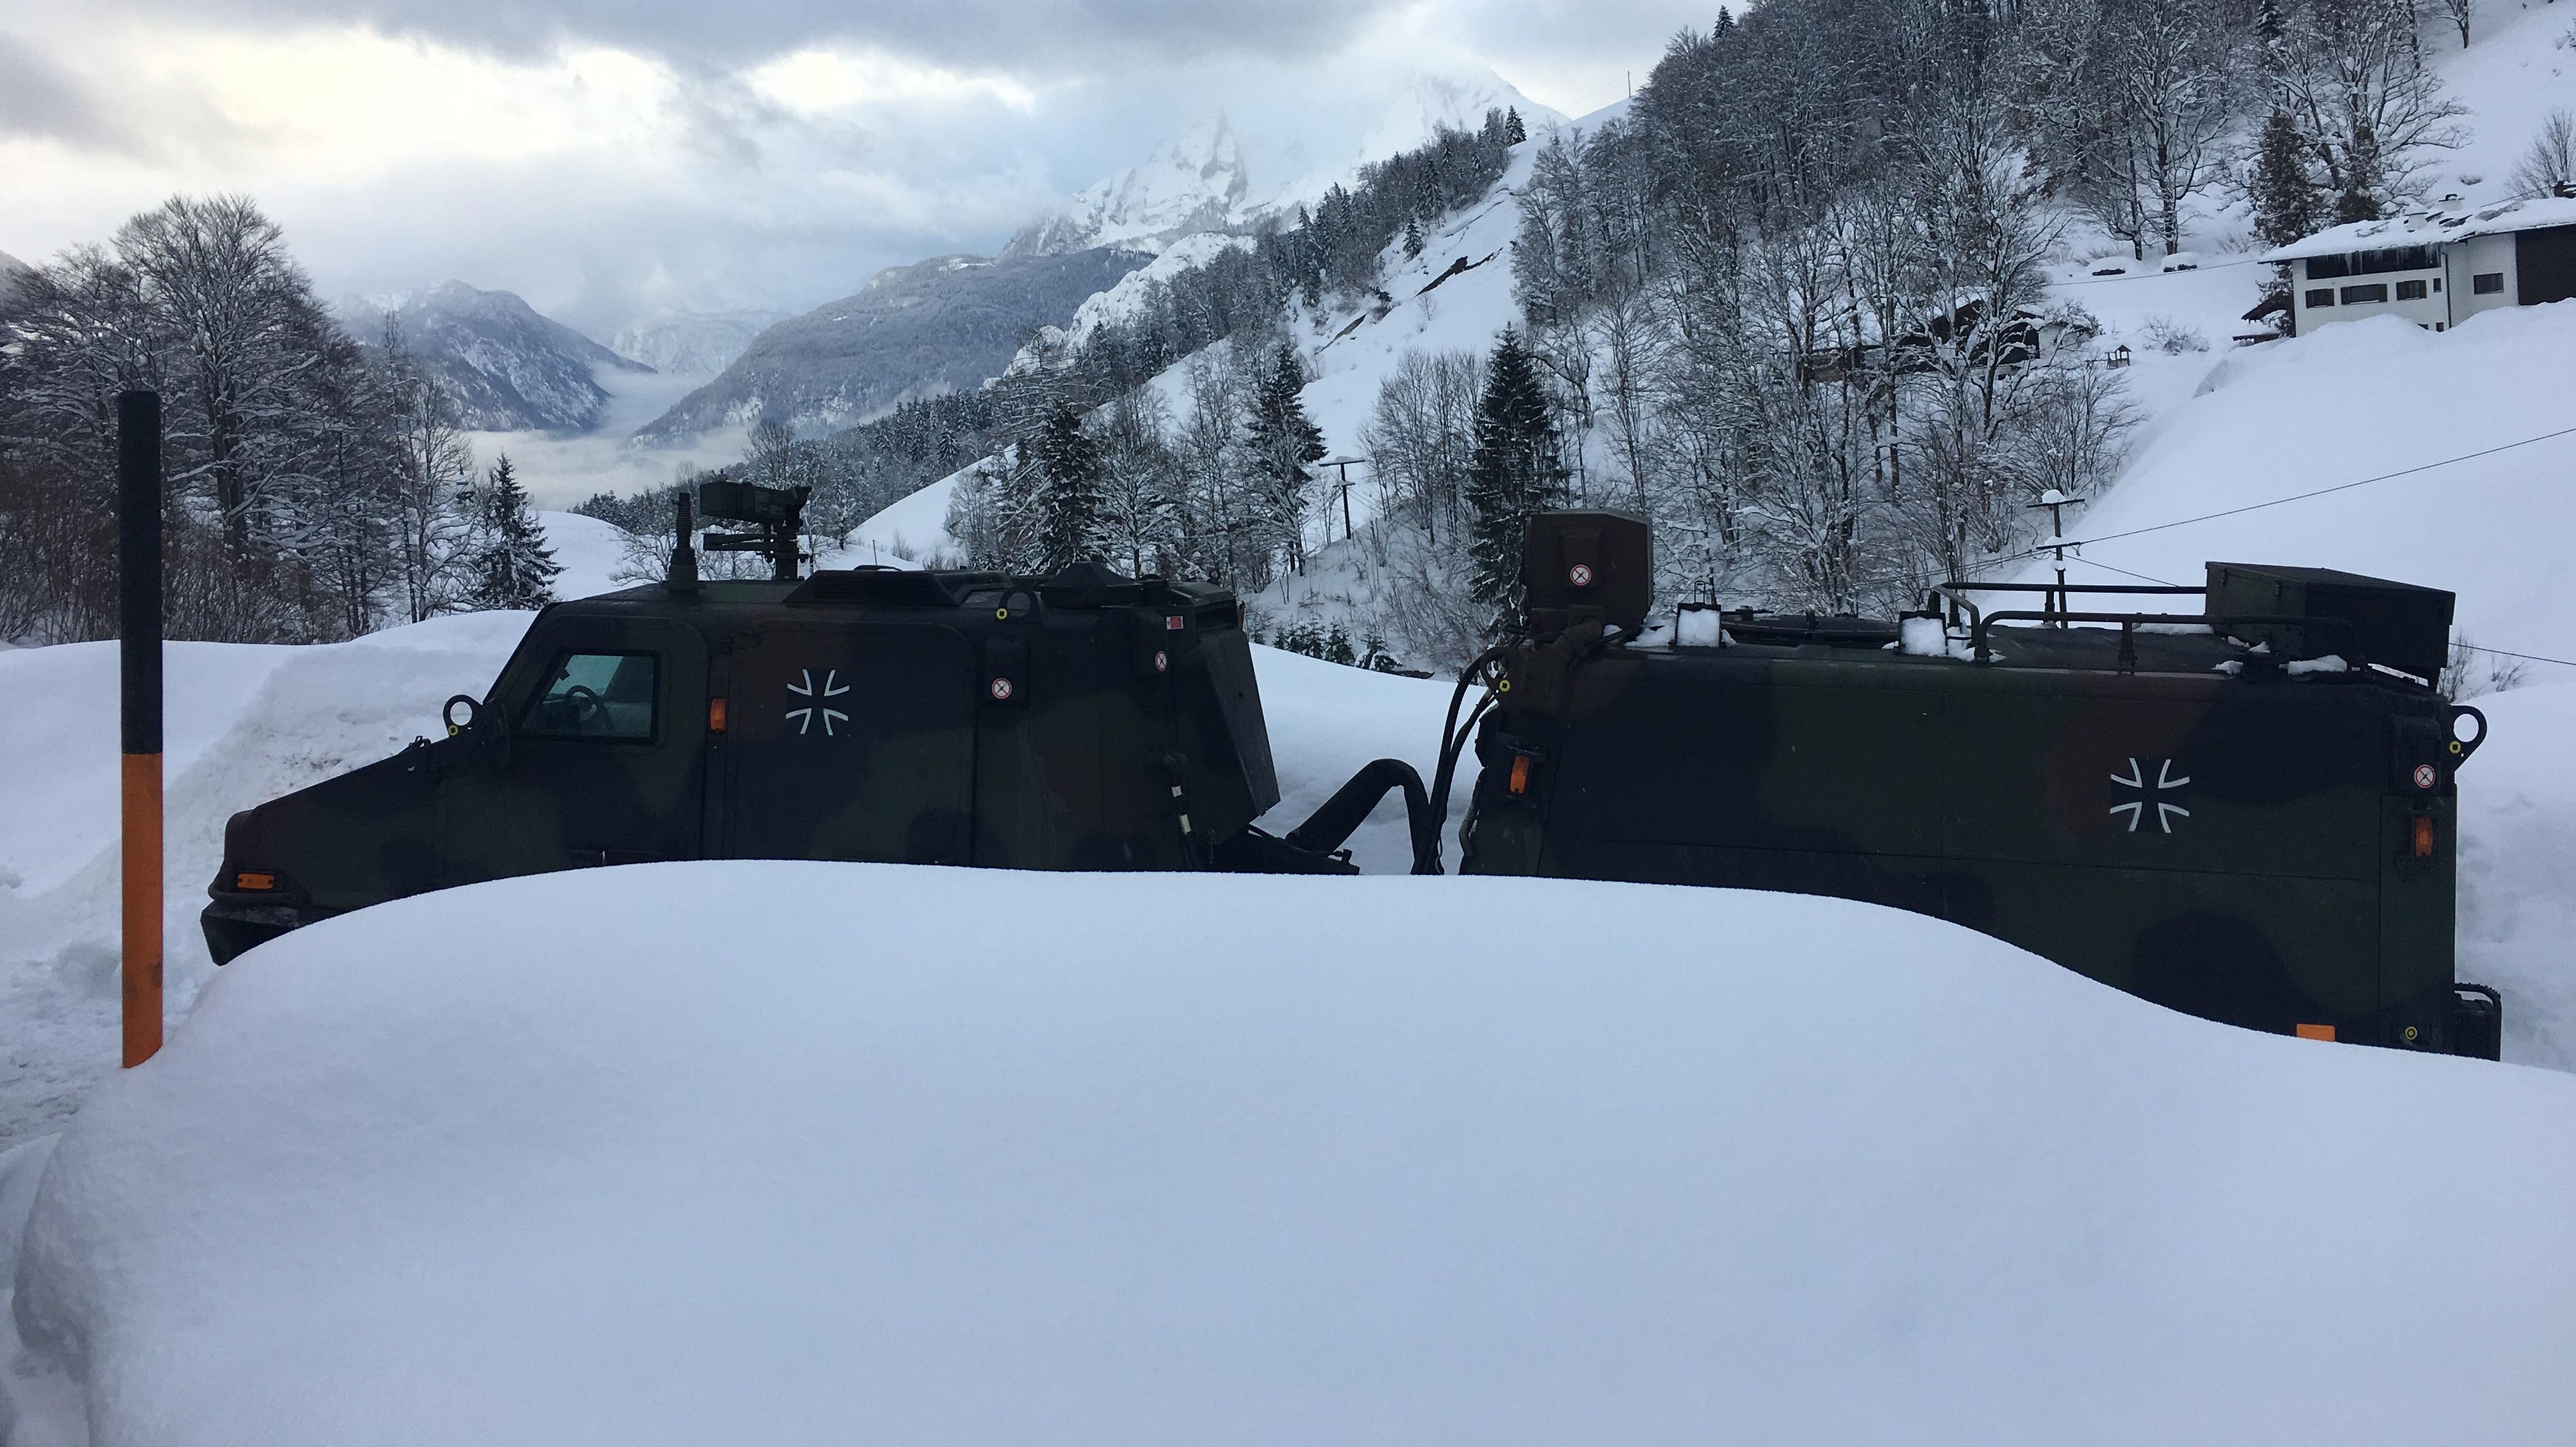 Ein Überschnee-Fahrzeug vom Typ Hägglund des Gebirgsjägerbataillons 232 steht einsatzbereit zwischen Schneemassen in Maria Gern.